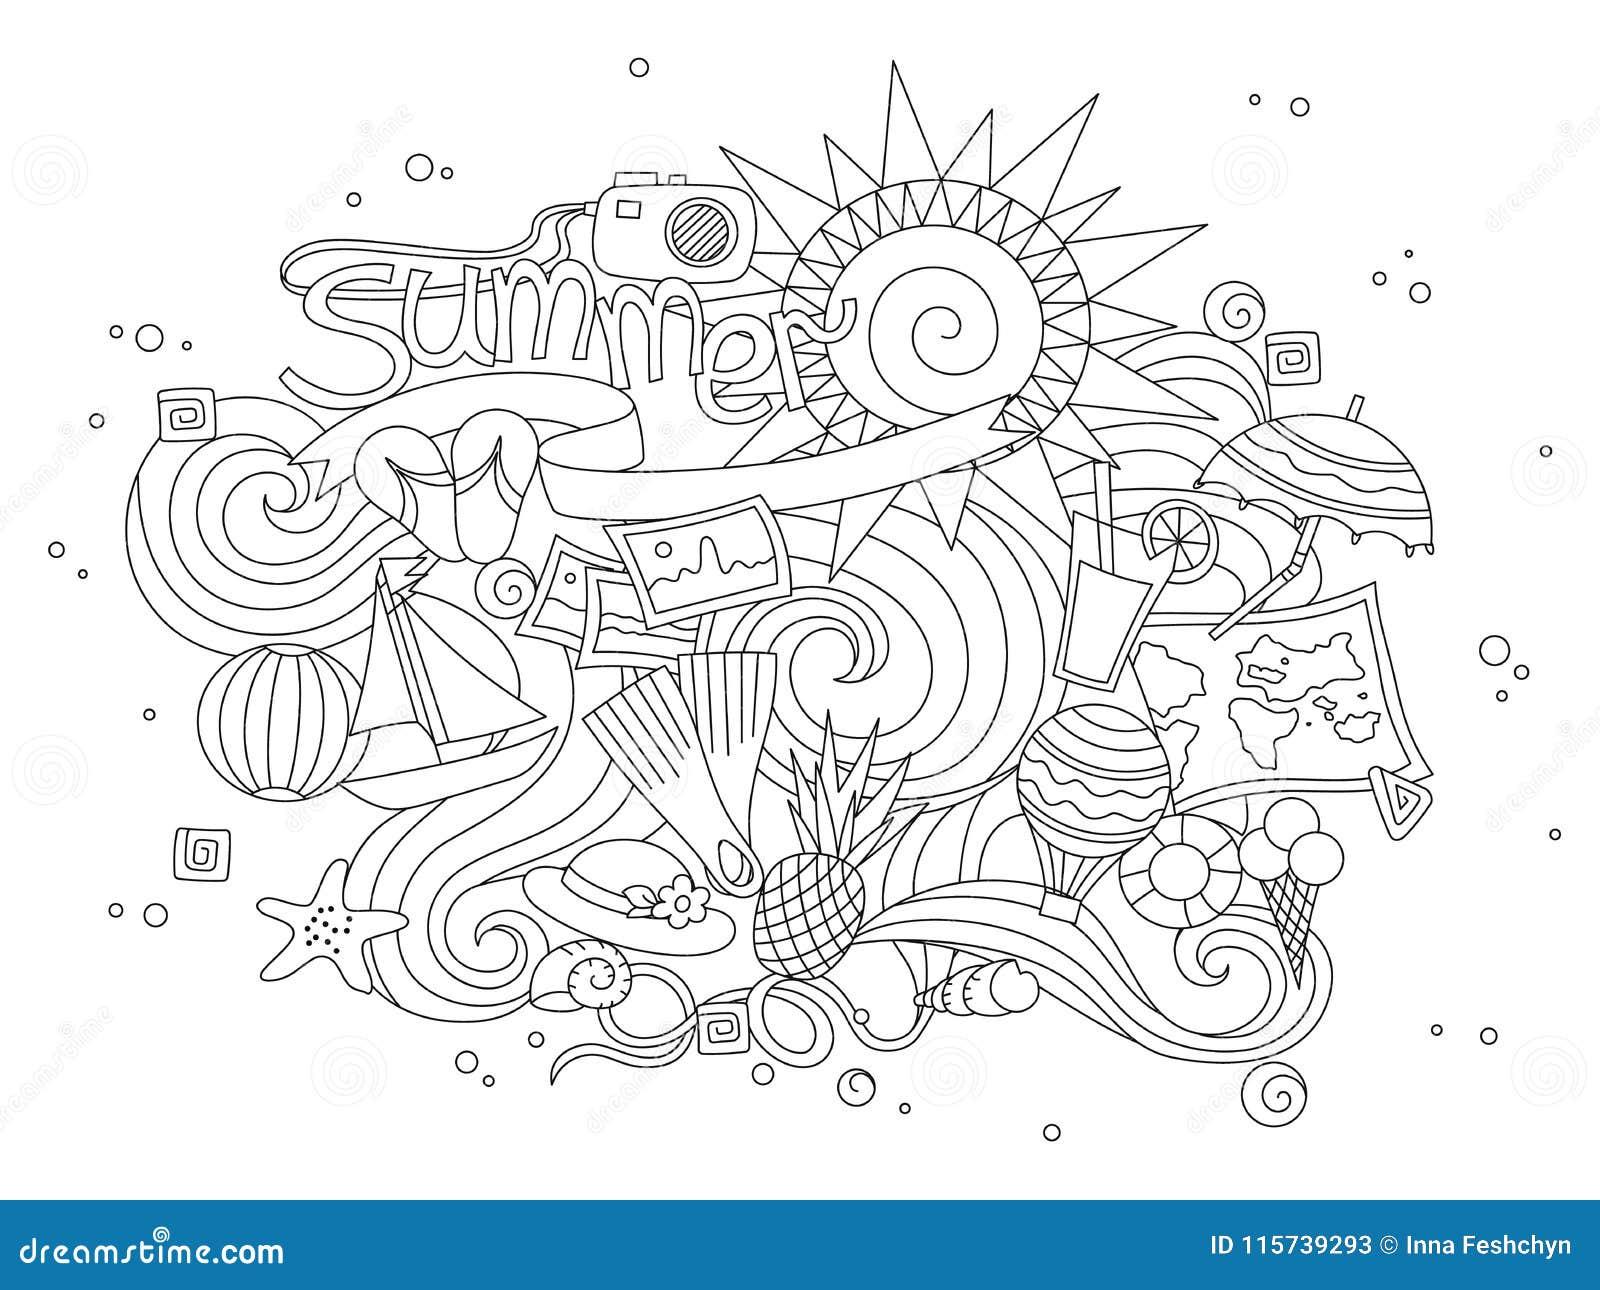 Linea Sottile Disegnata A Mano Nera Libro Da Colorare Di